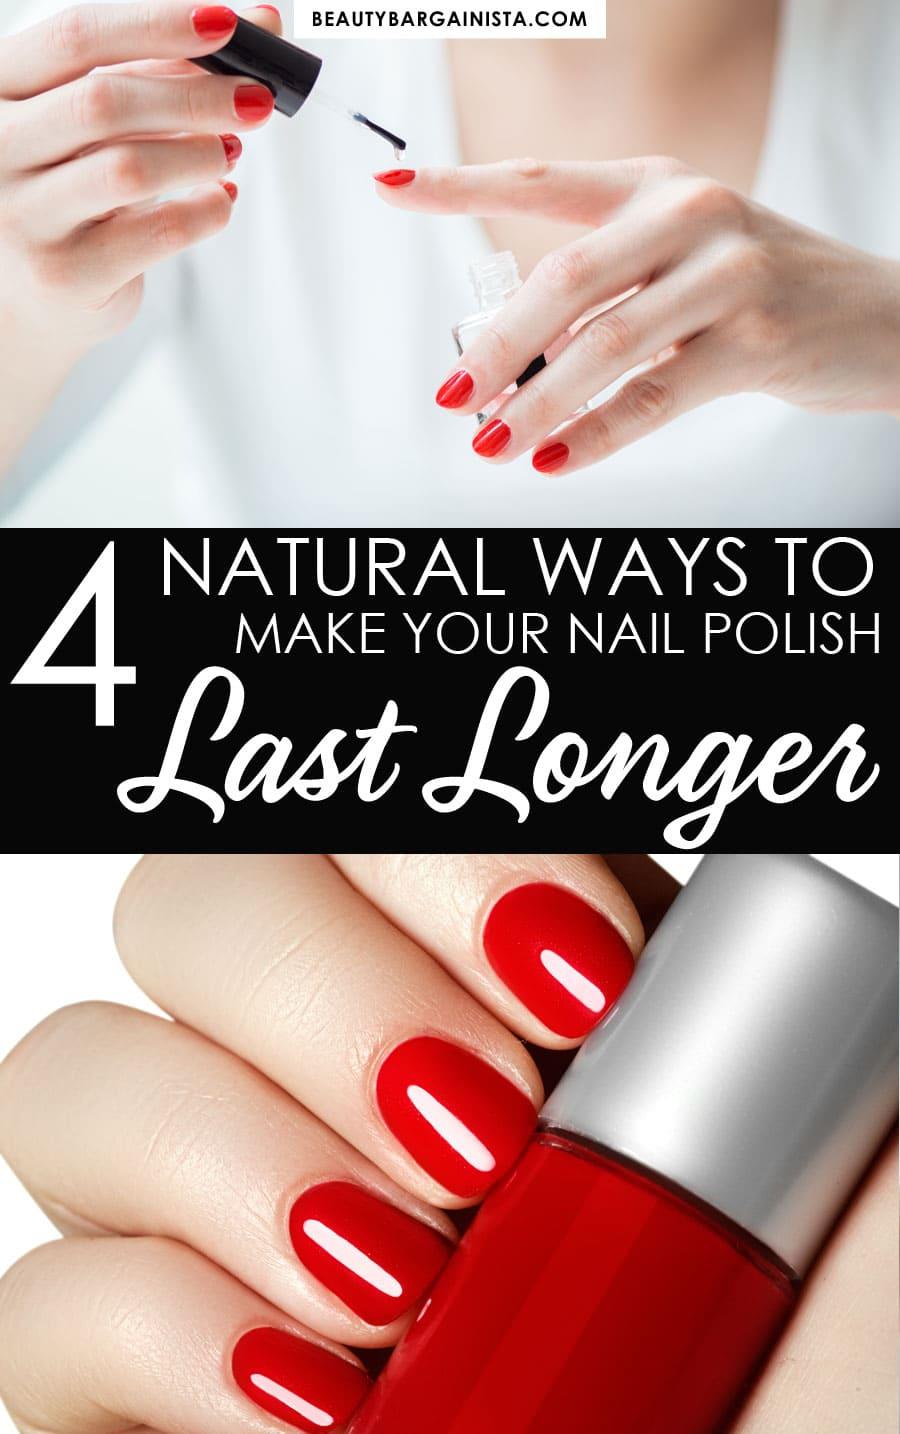 4 Natural Ways to Make Nail Polish Last Longer